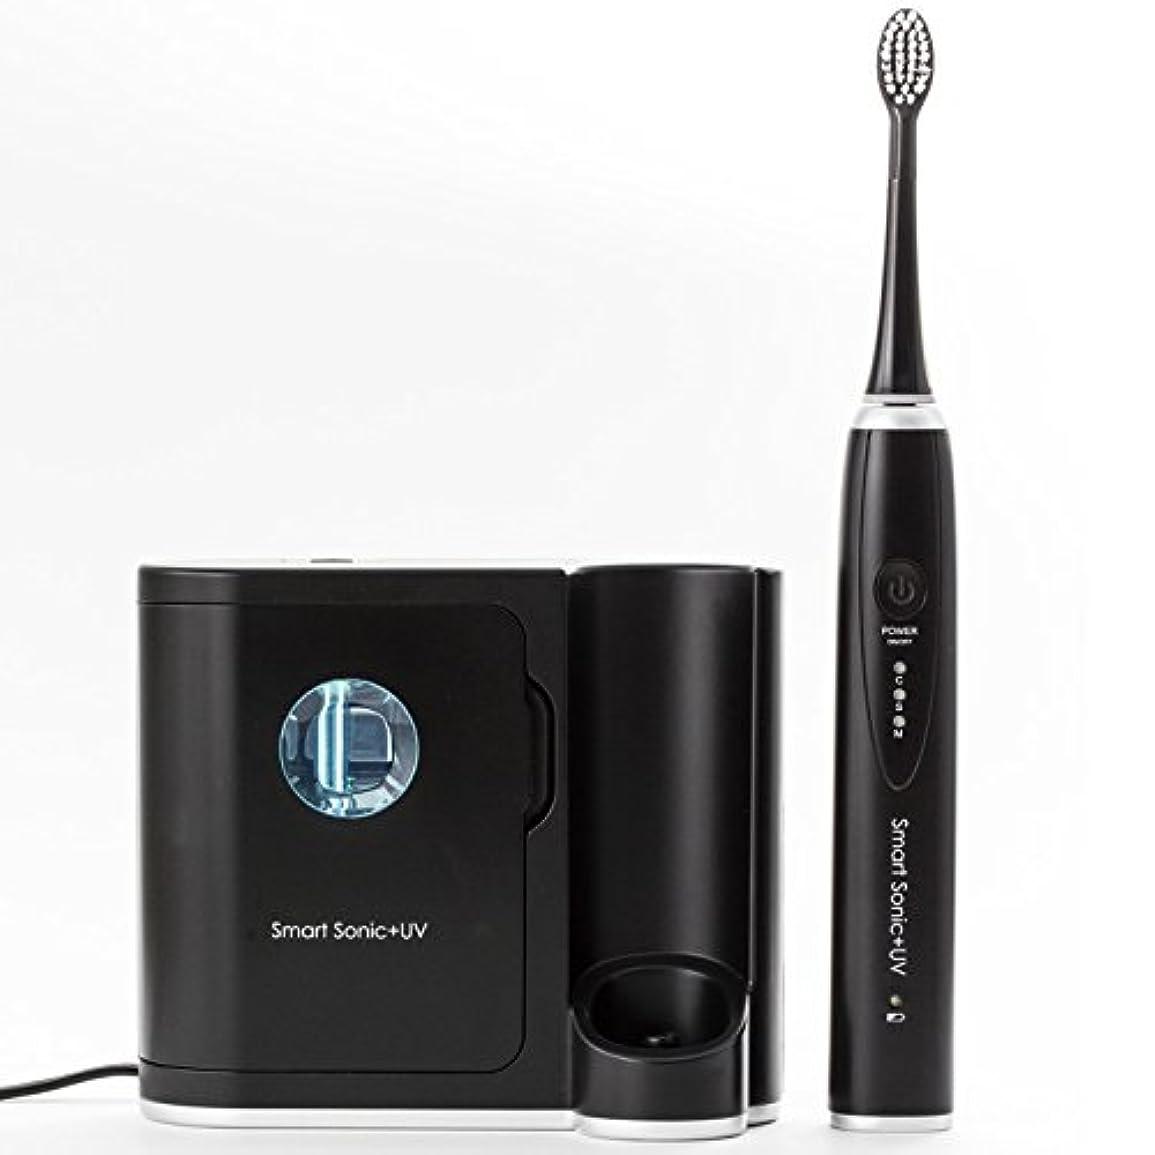 組成熟ボイコット音波歯ブラシ UV 紫外線除菌 歯ブラシ 殺菌機能付き 電動歯ブラシ スマートソニック プラス UV Smart Sonic UV